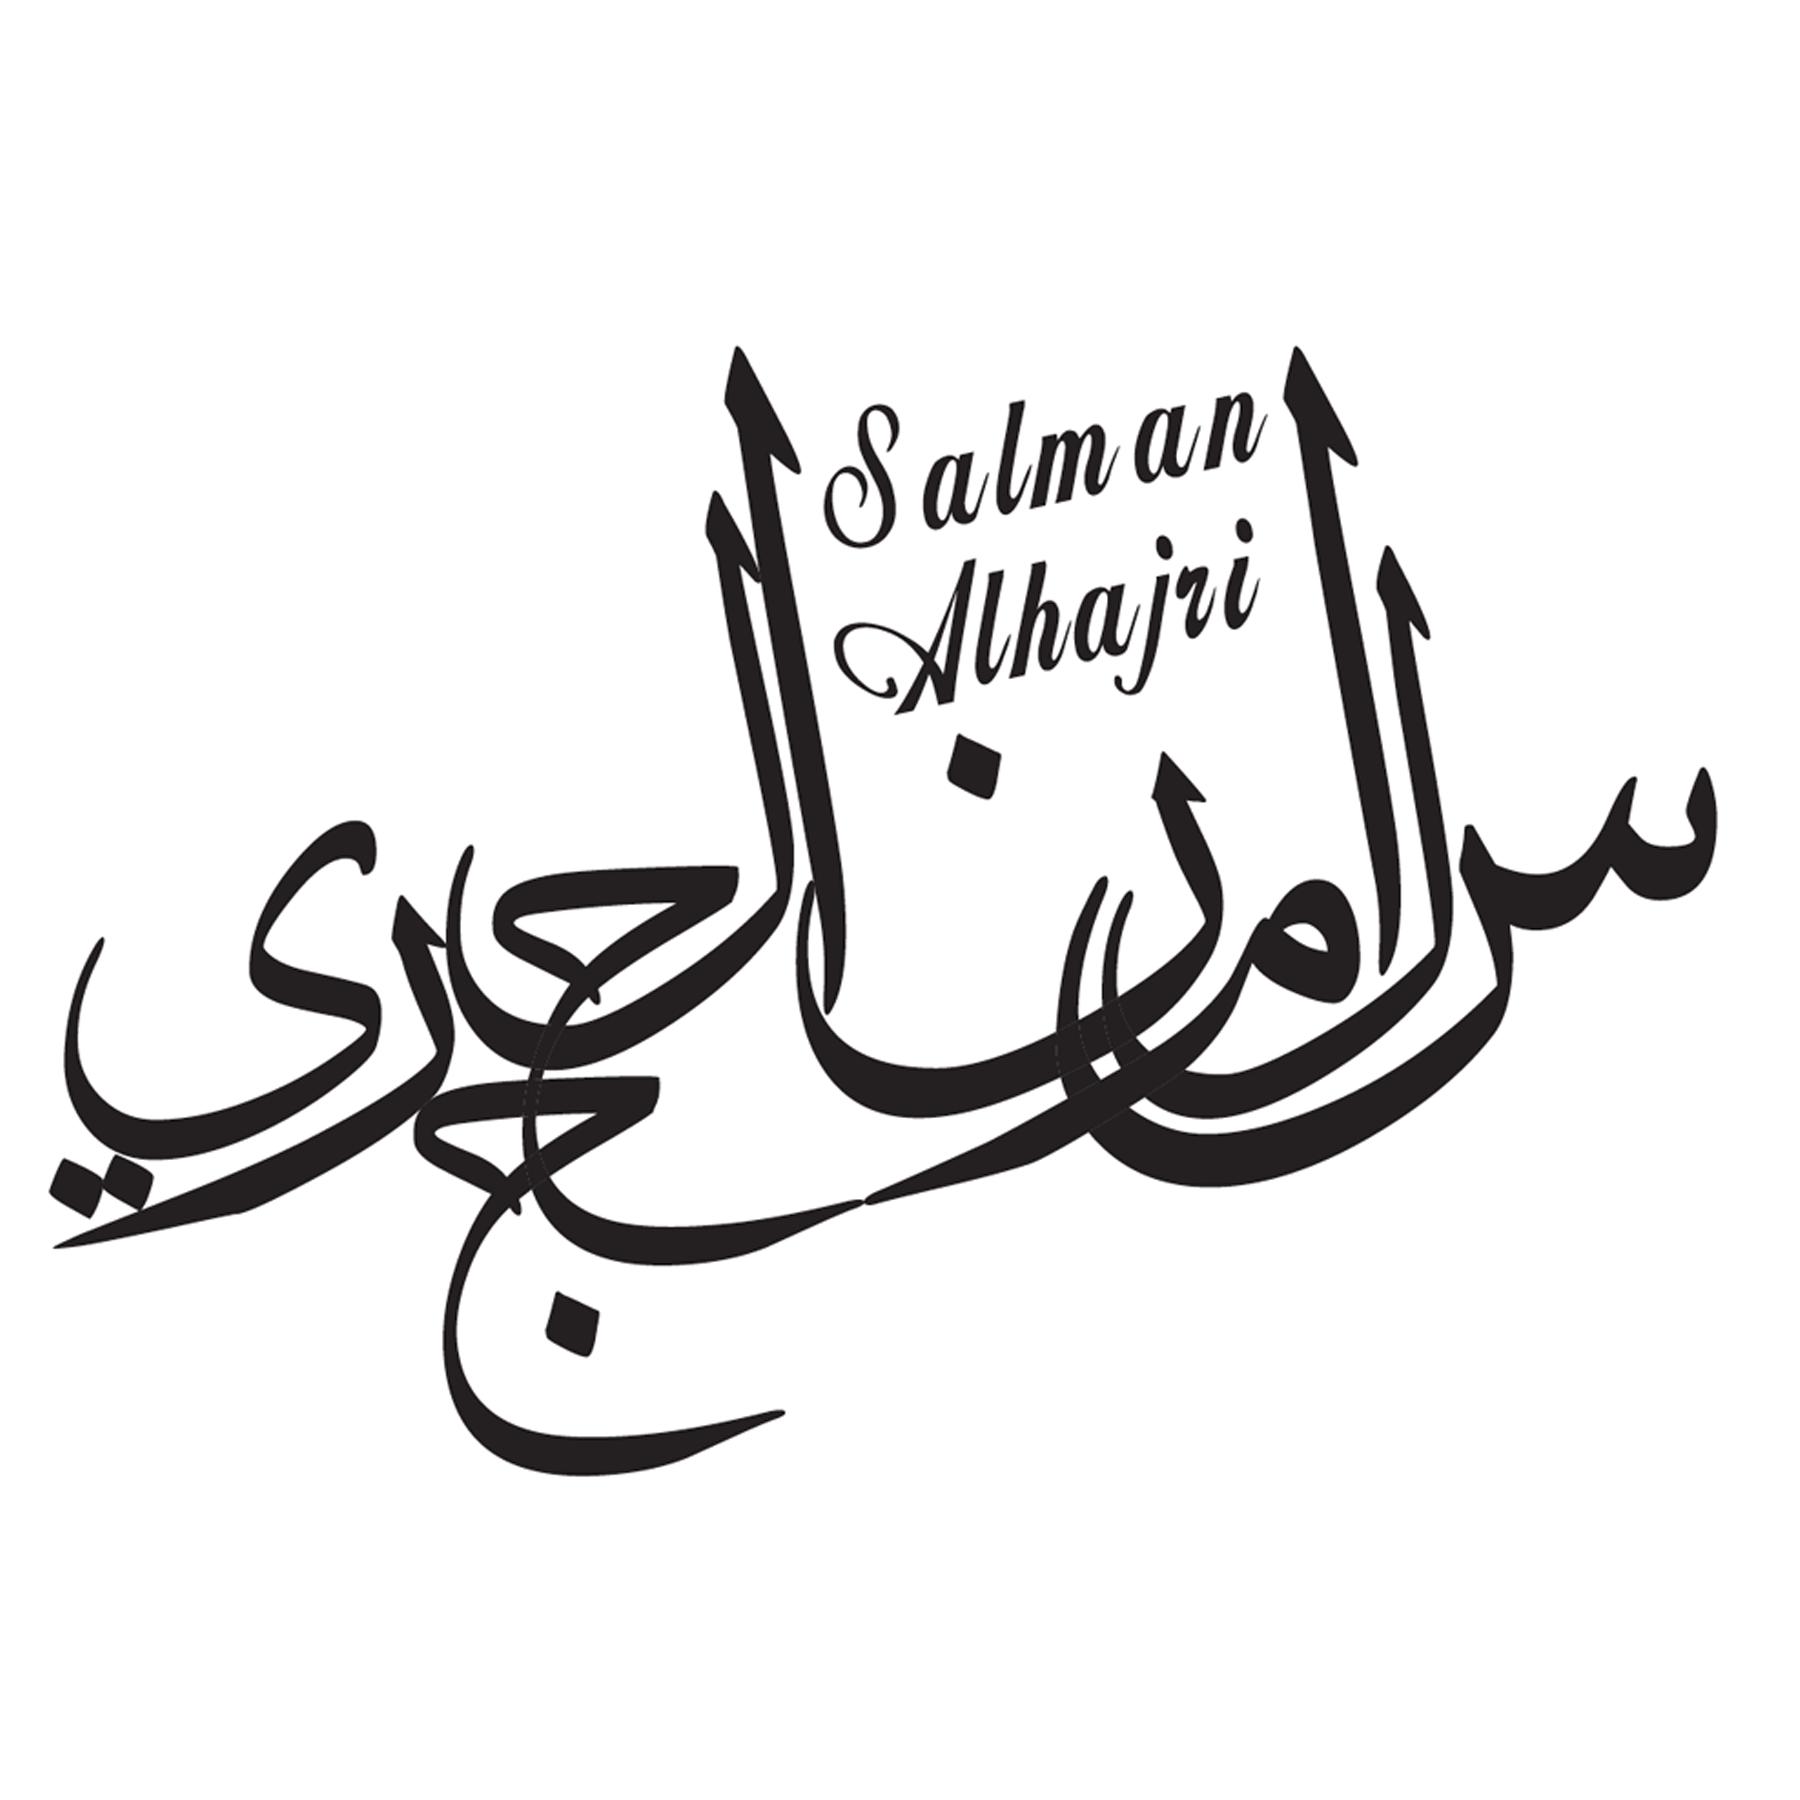 Arabic Calligraphy by Salman Alhajri Press Kit Contents